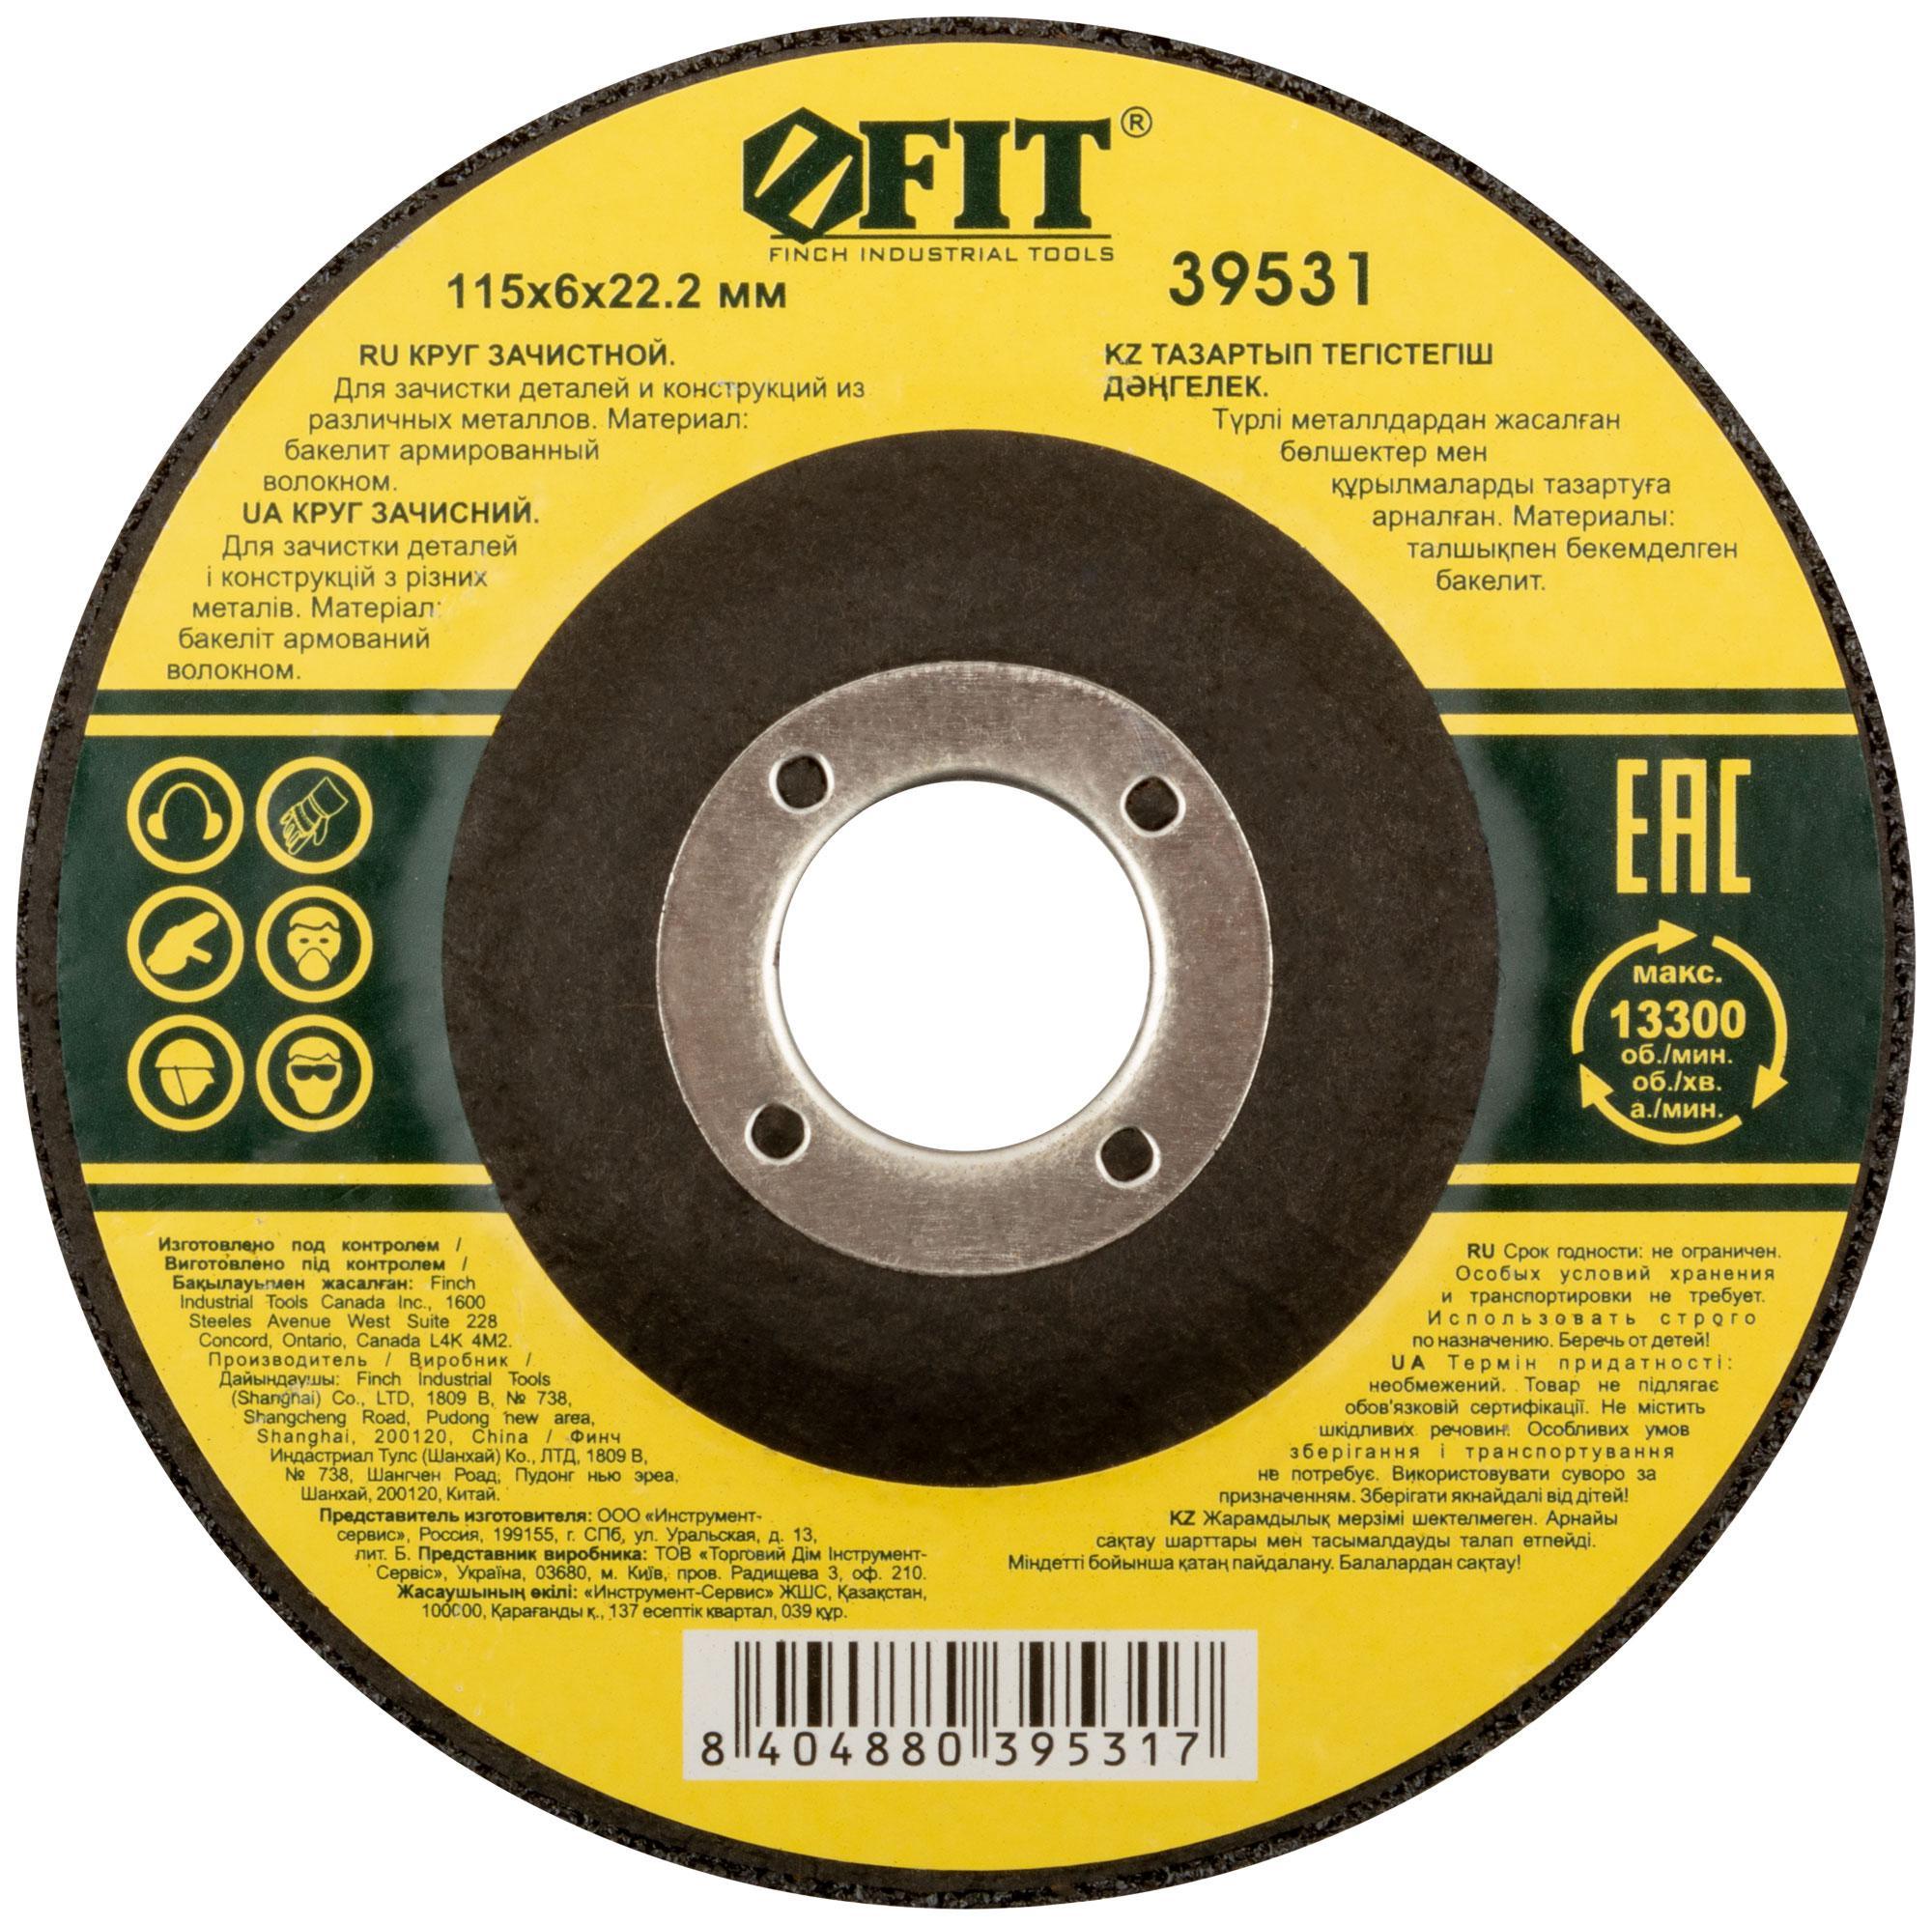 Круг зачистной Fit 39531 г киров продаю железные бочки бу 200 литров